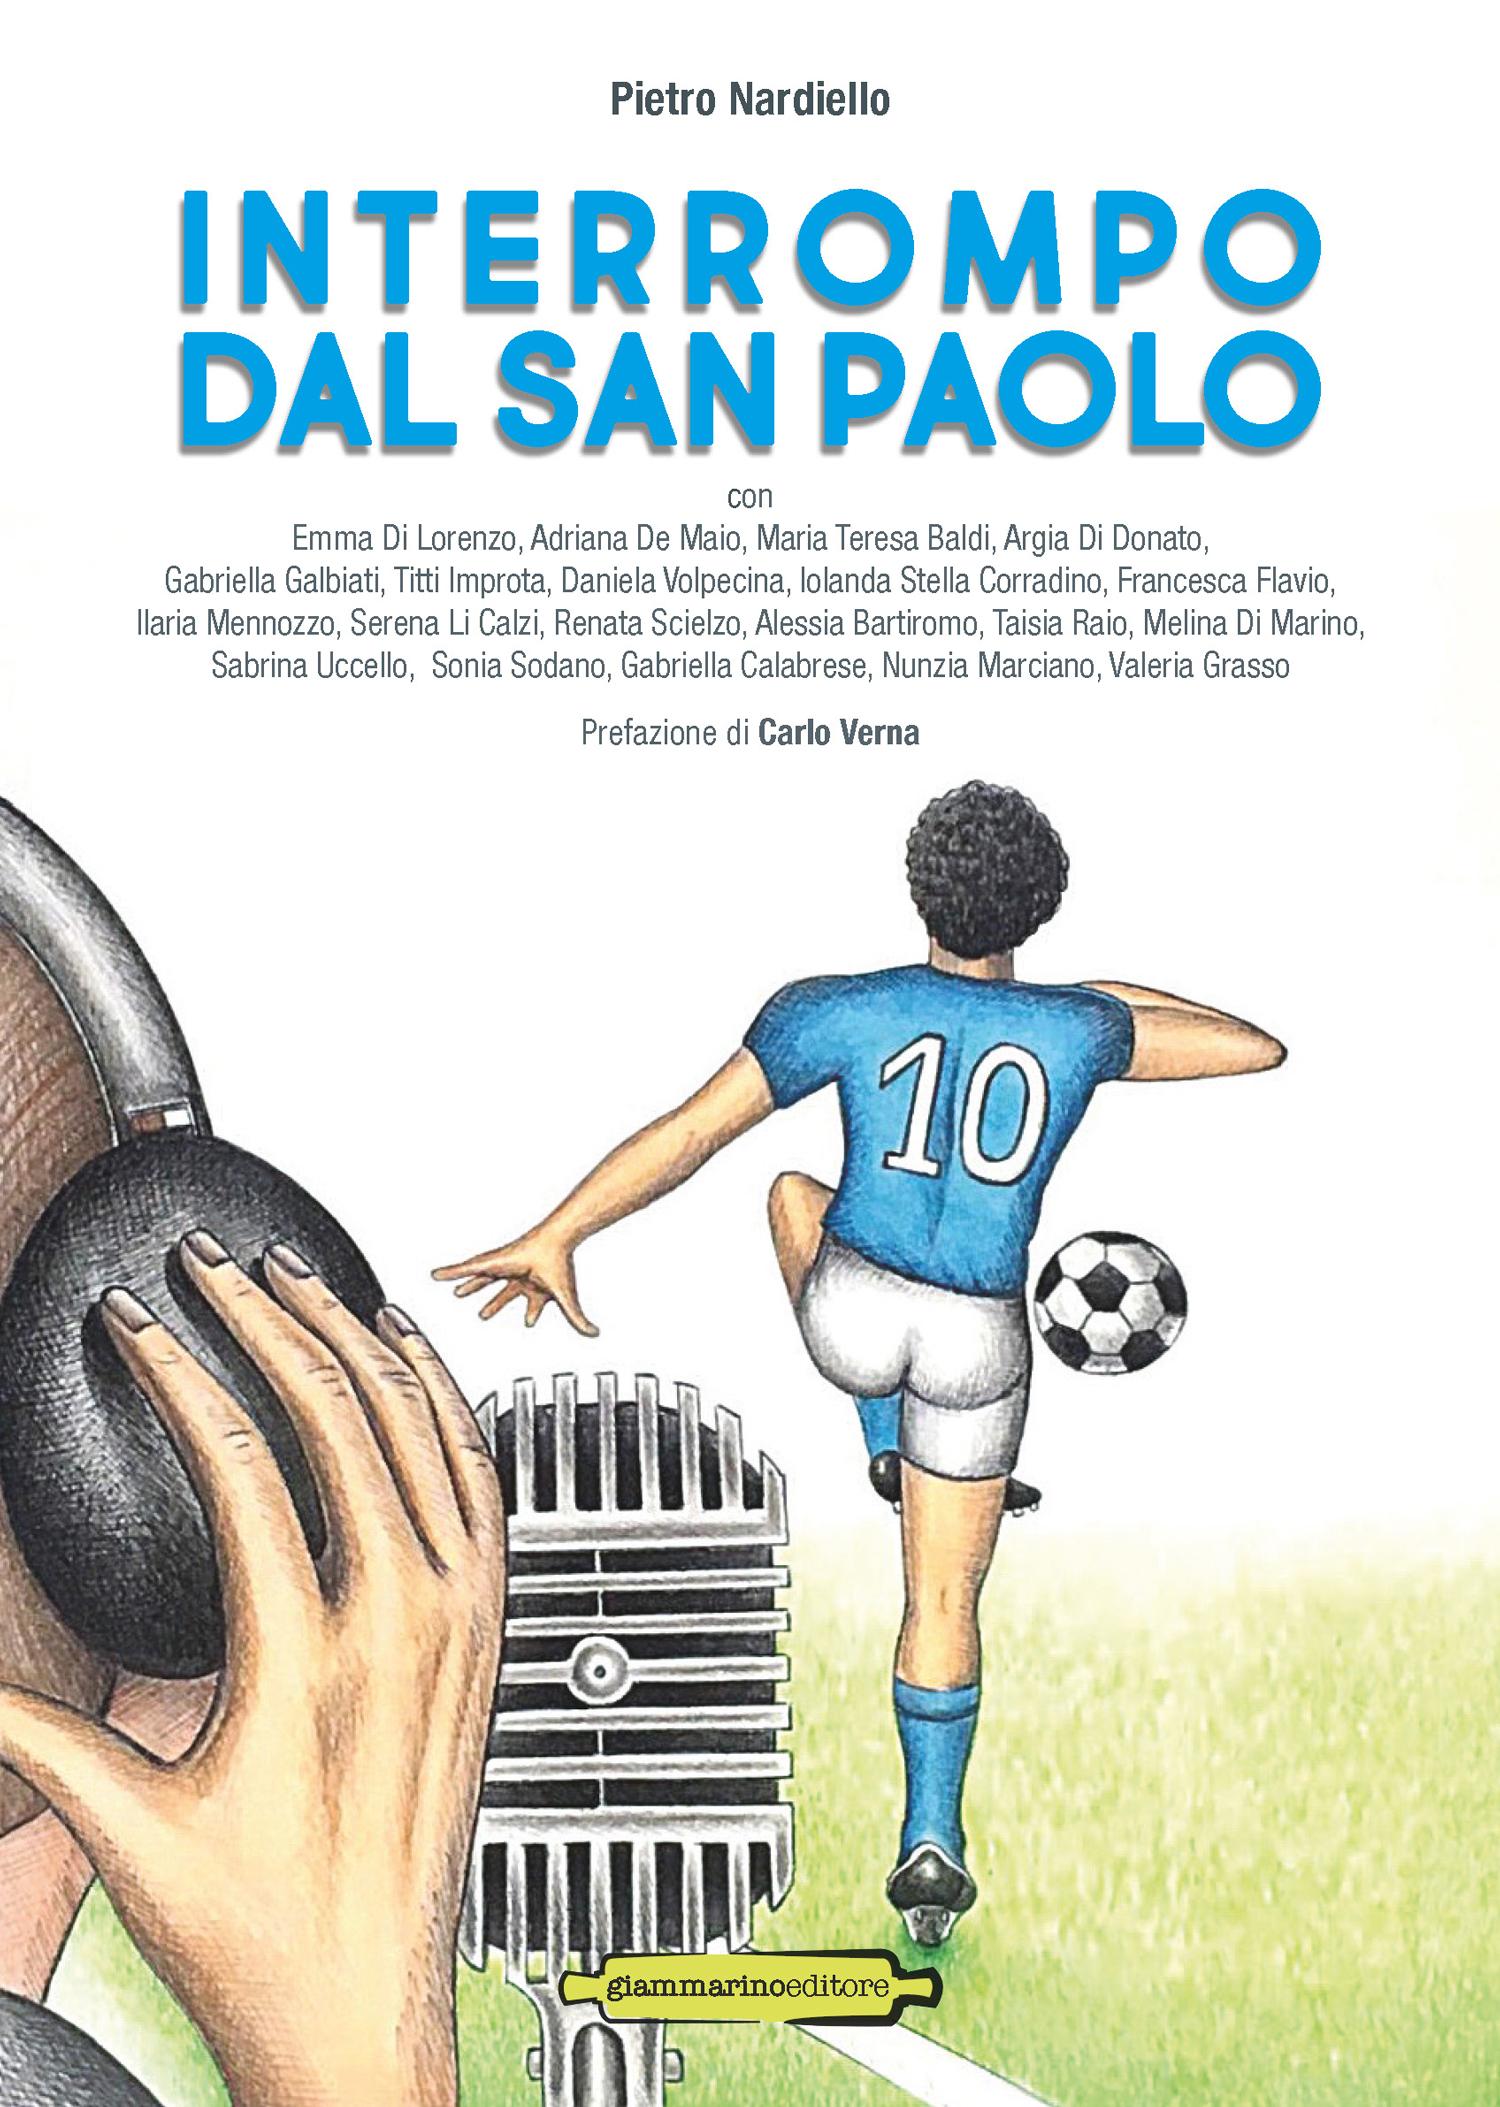 """""""Interrompo dal San Paolo"""": presentazione al Lido Don Pablo Venerdì 7 ore 17"""